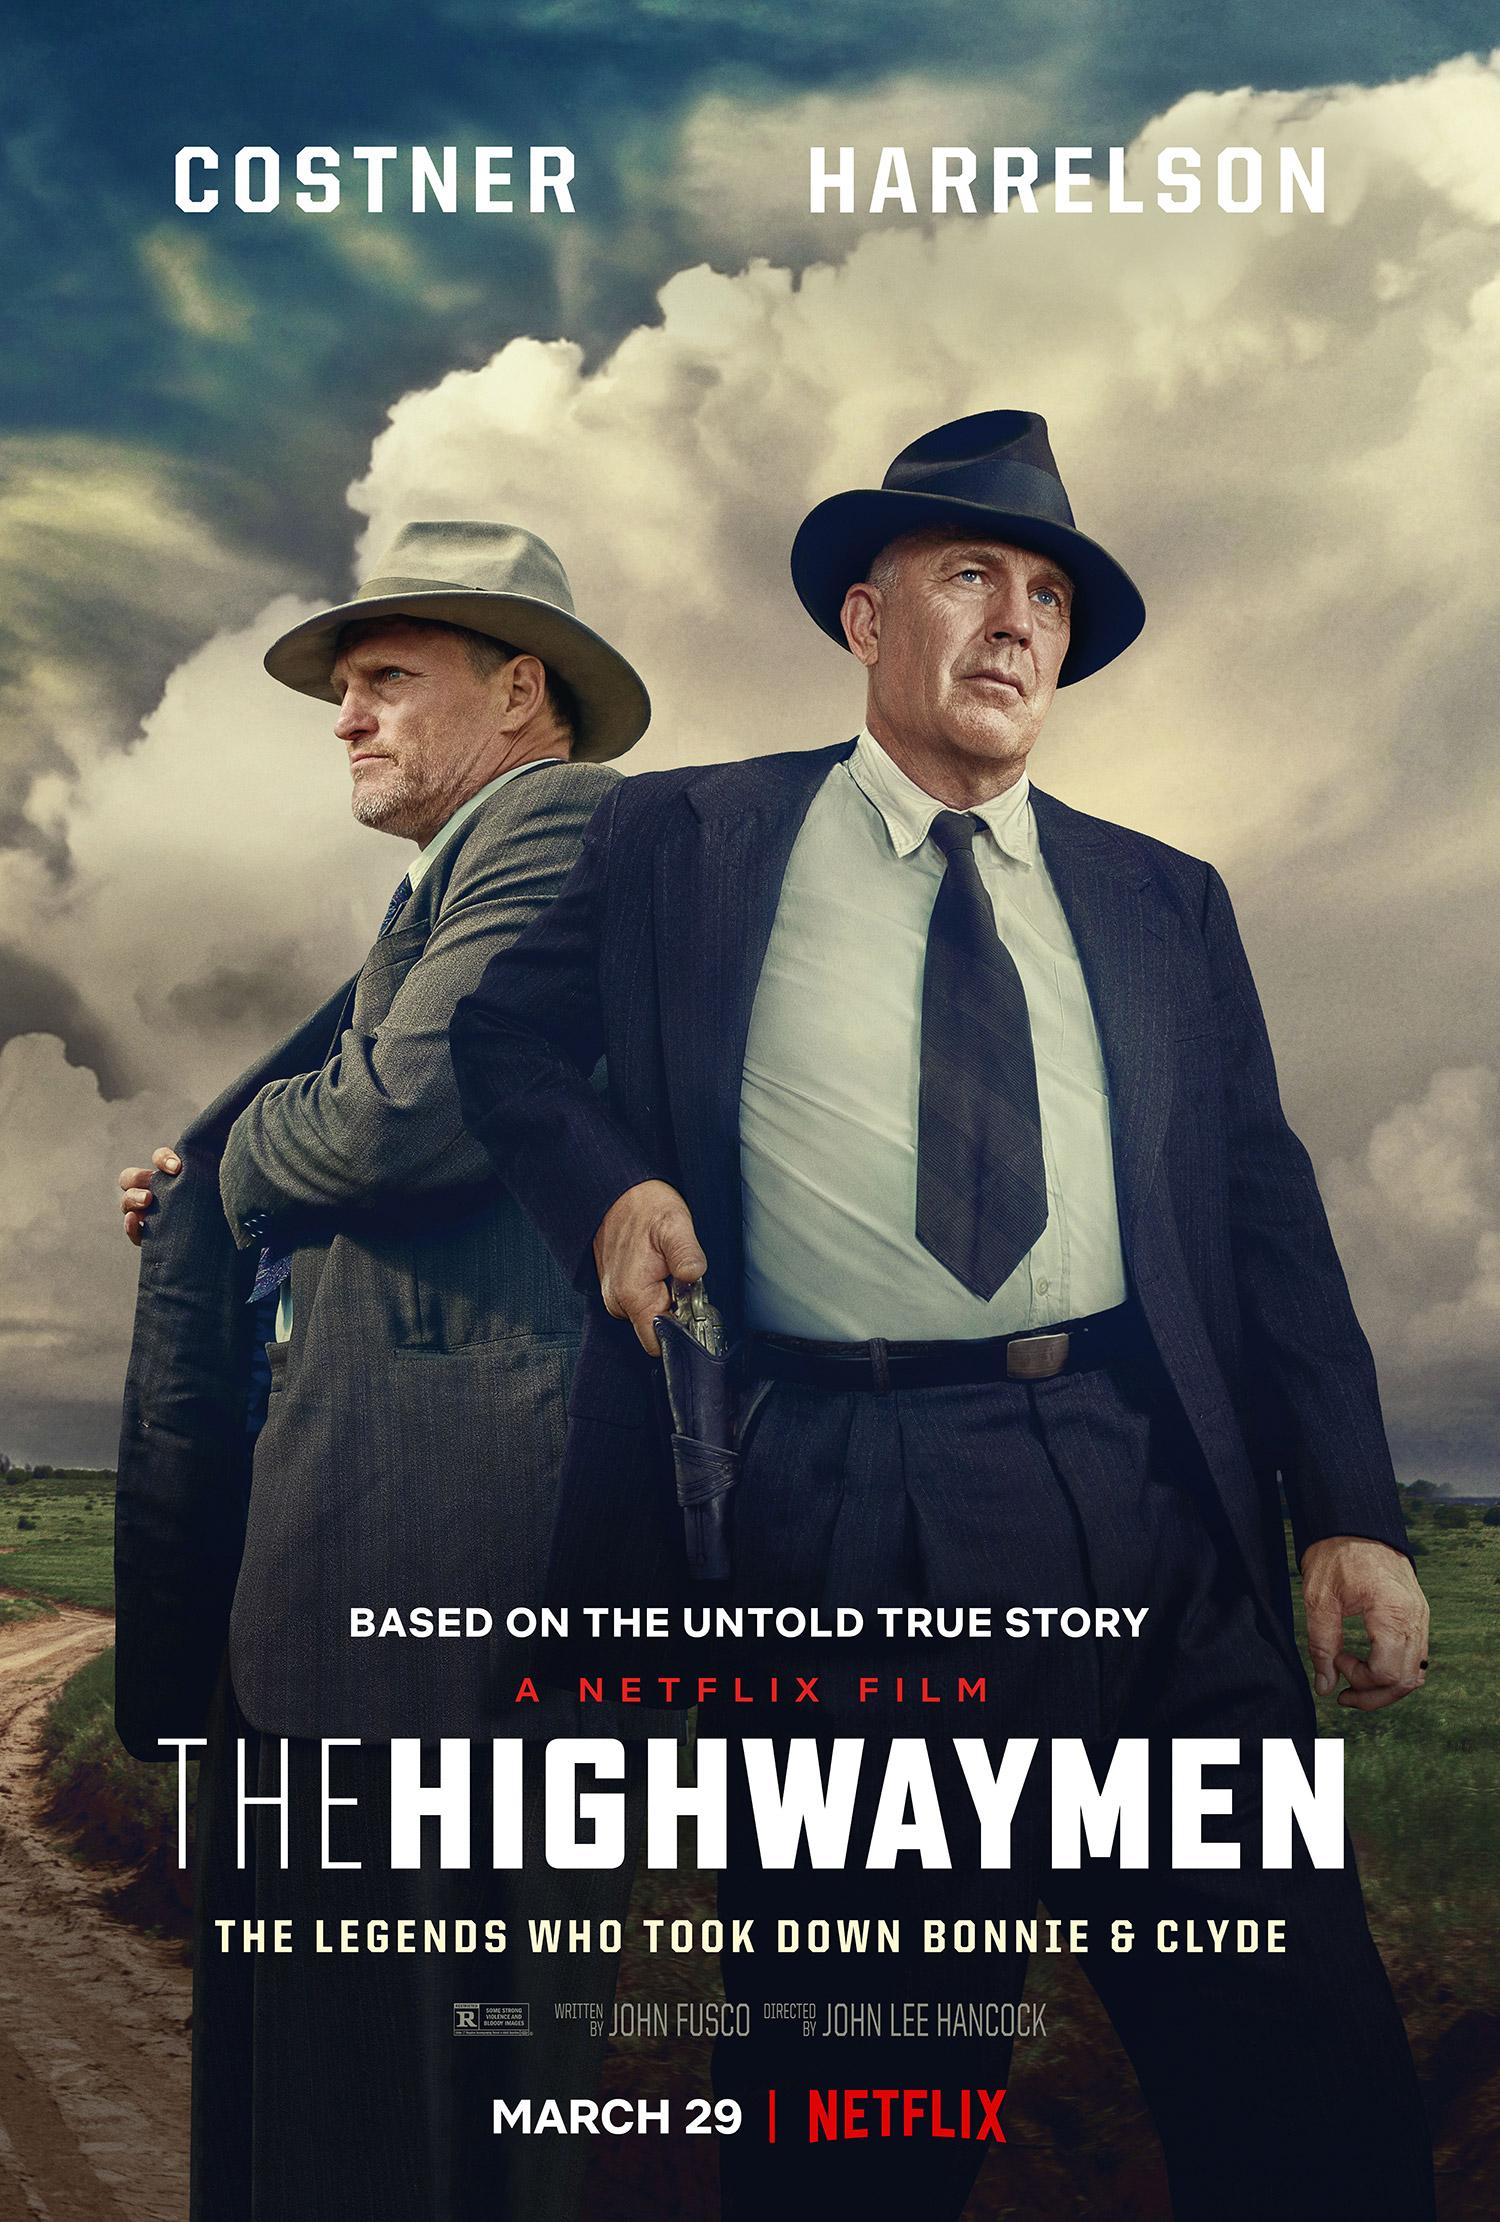 Production handout, Netflix